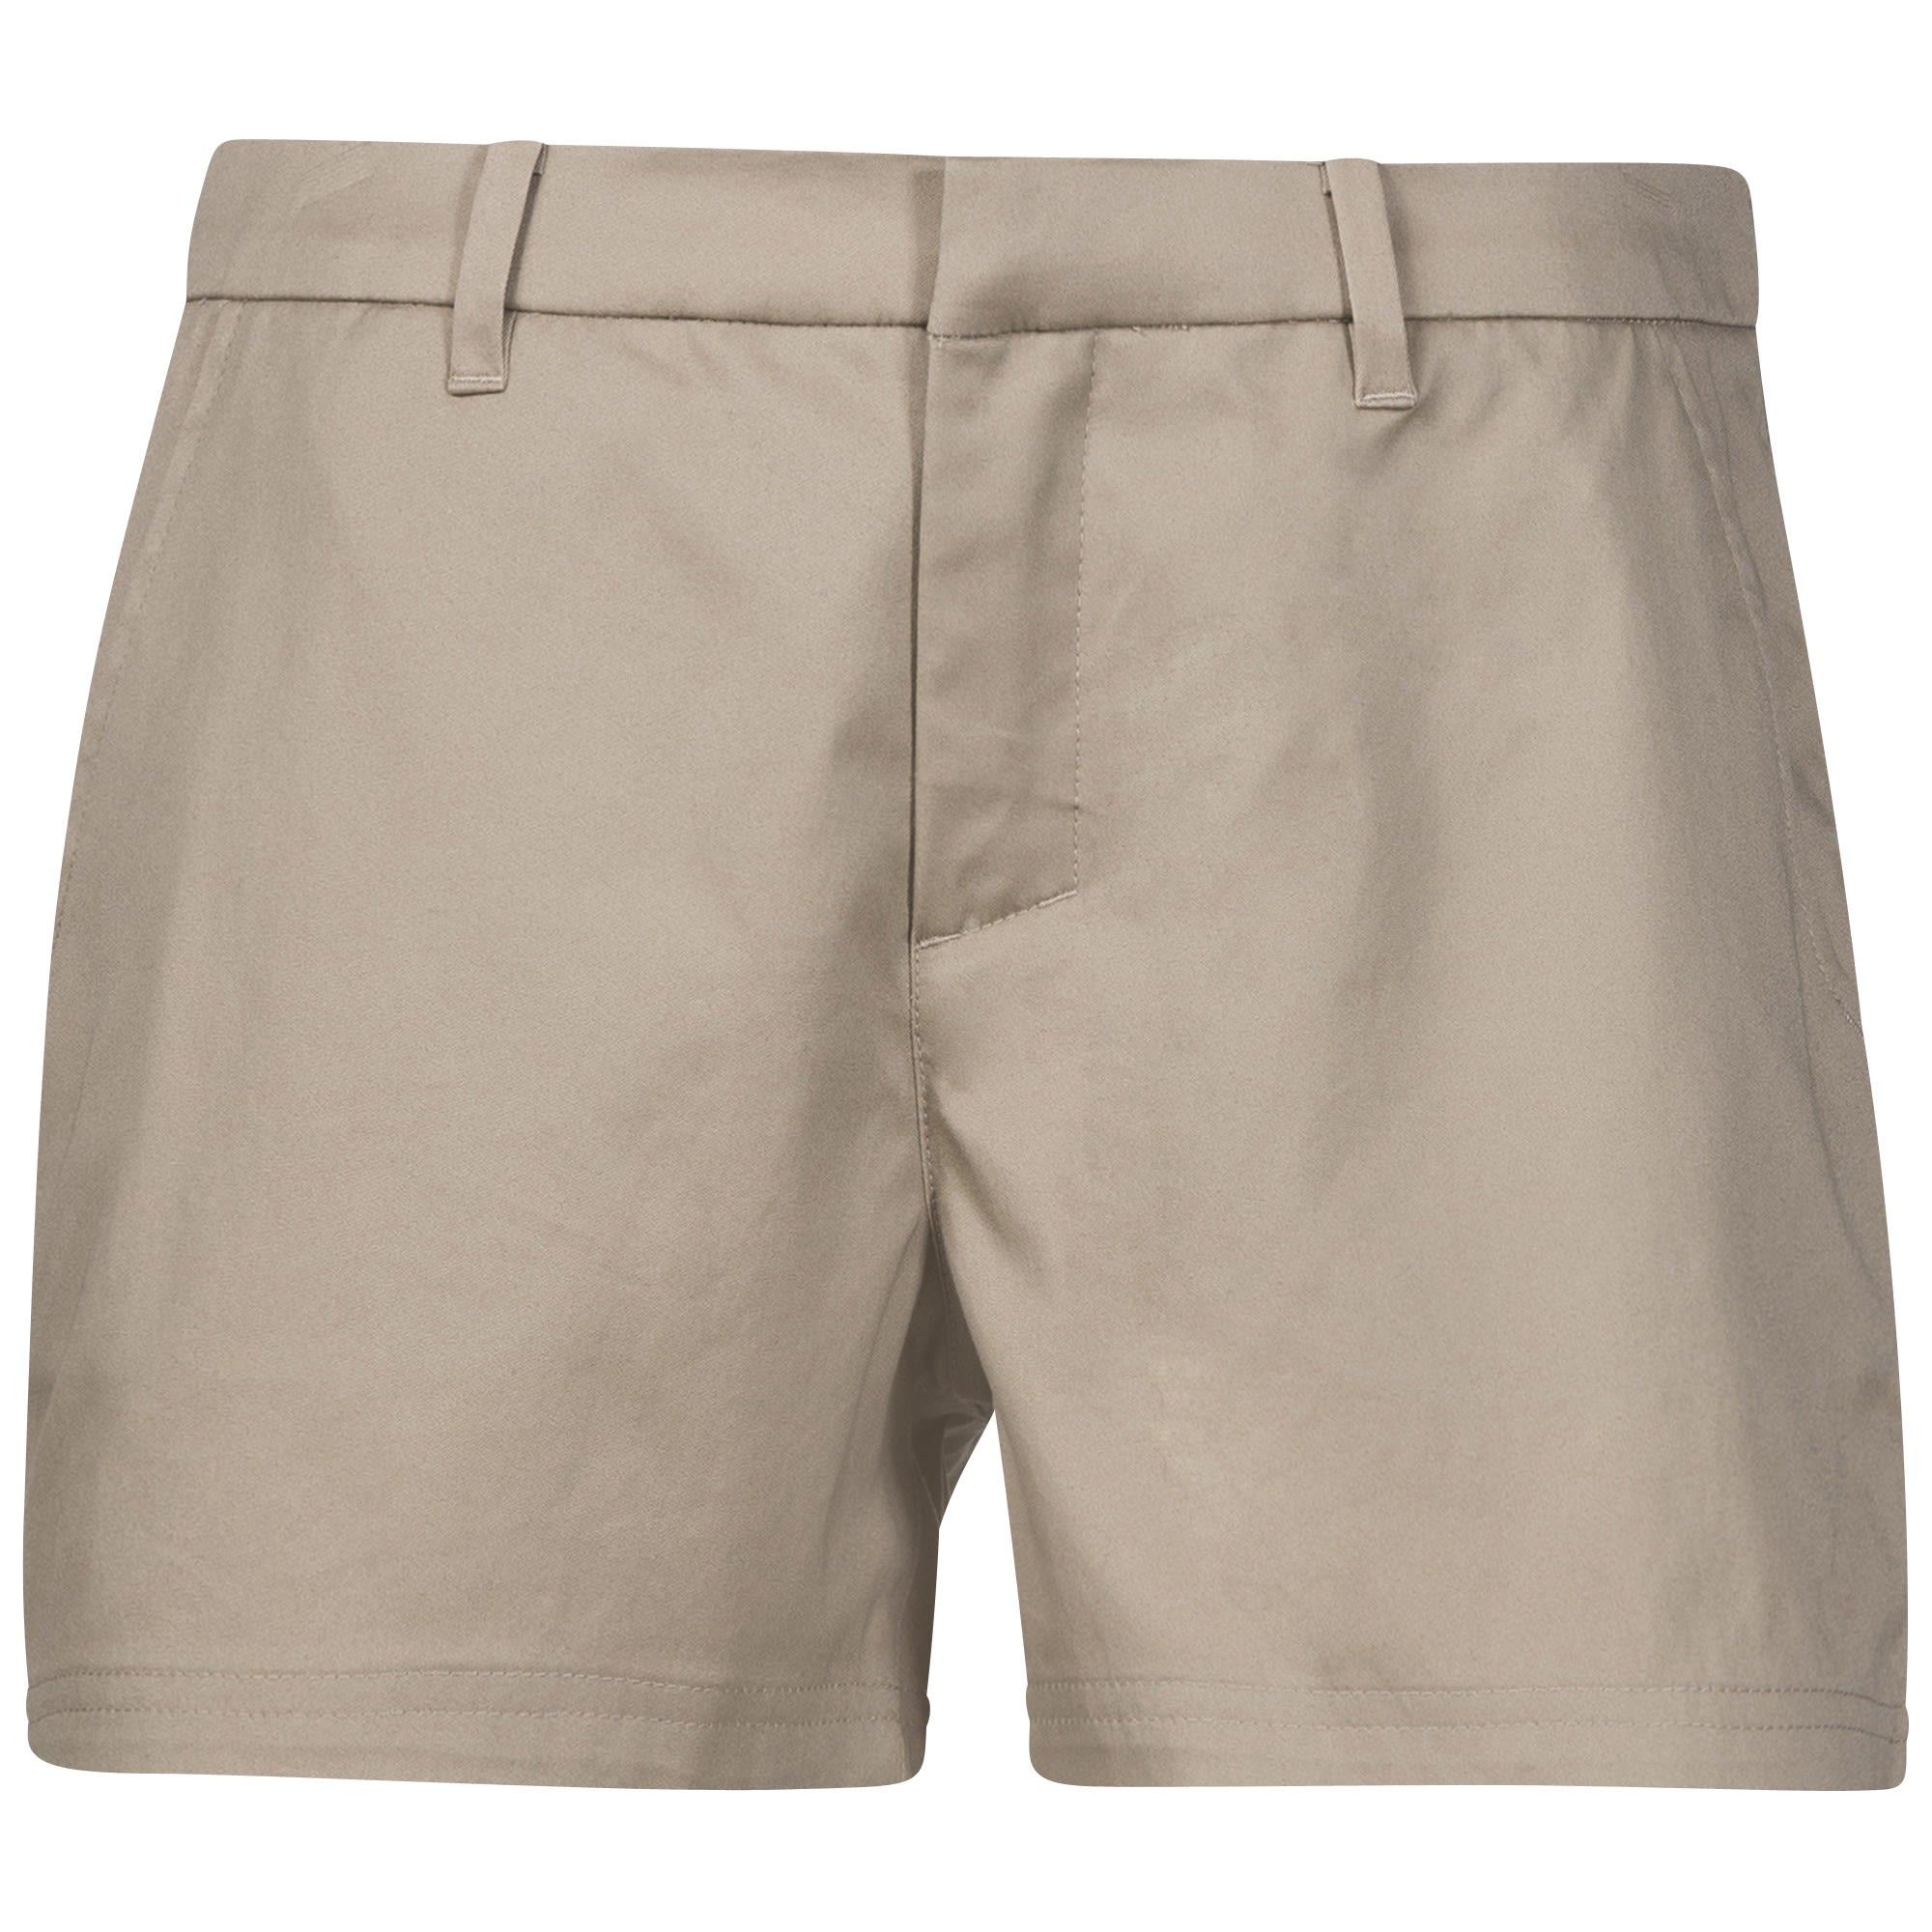 Bergans Holmsbu Shorts (Modell Sommer 2017) Braun, Female Shorts, S